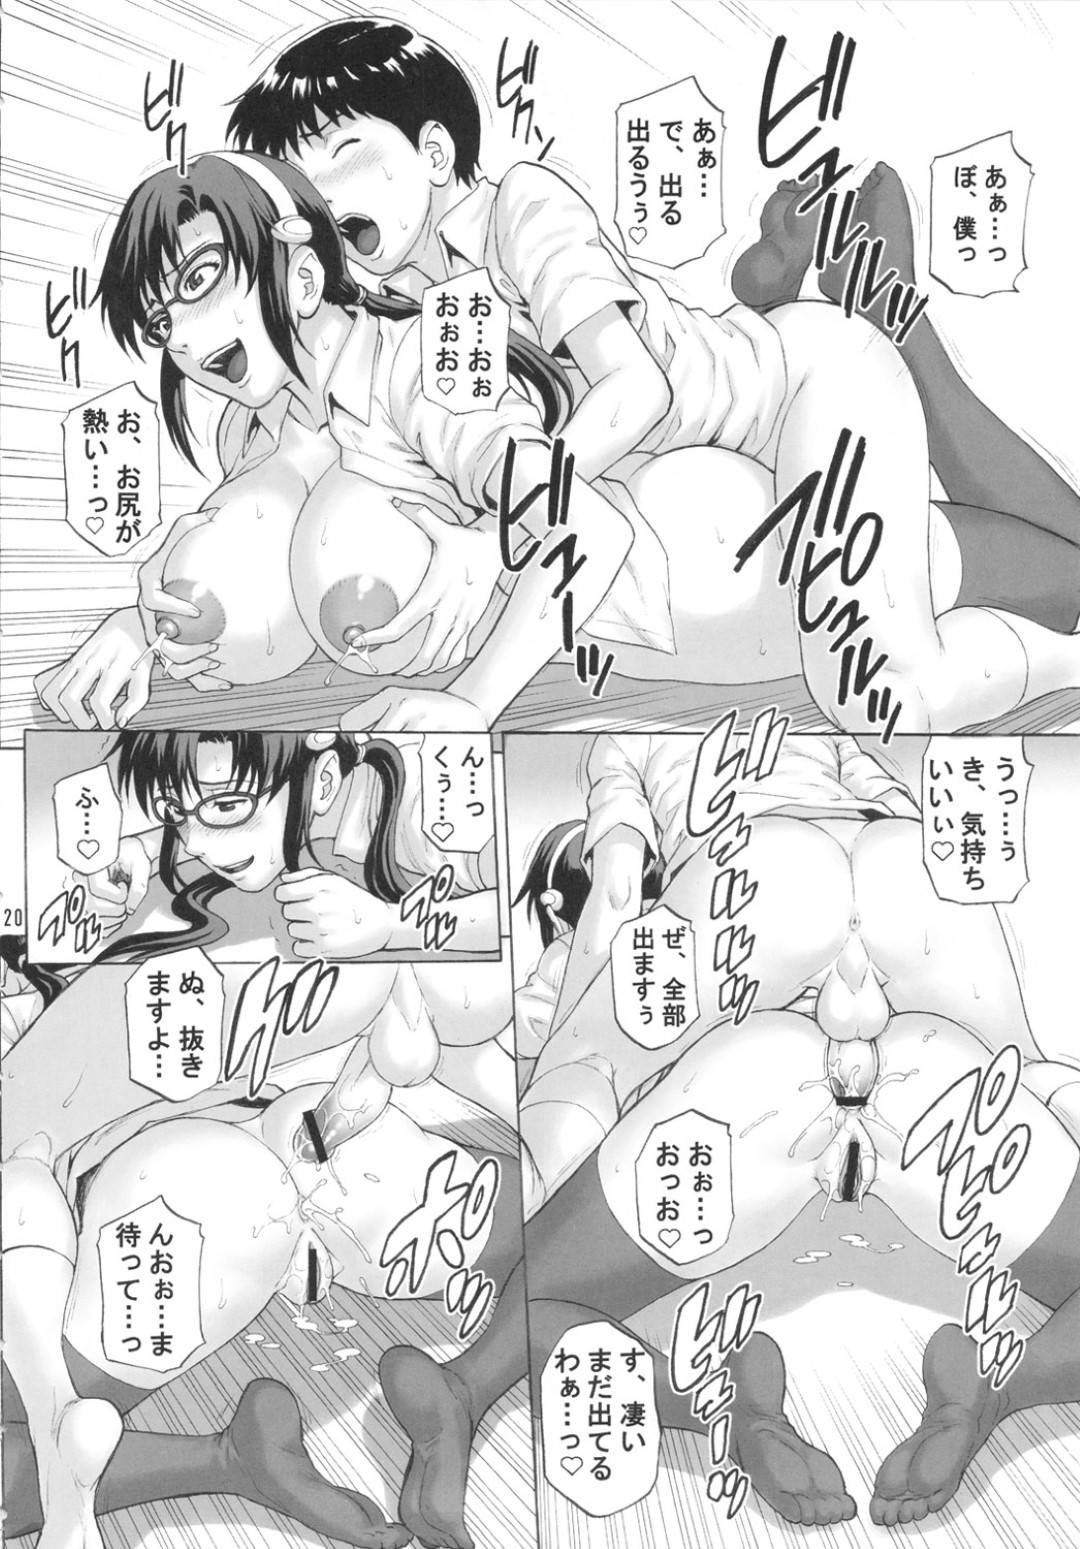 【エロ漫画】【エロ漫画】シンジにむちむちお尻を見せつけて誘惑する変態マリ…簡単に釣られたシンジに下半身を撫で回されて感じまくり、クンニでおもらししたあと膣内もアナルも激しい生ハメ中出しセックスしてイキまくる【でん吉i:架空少女】